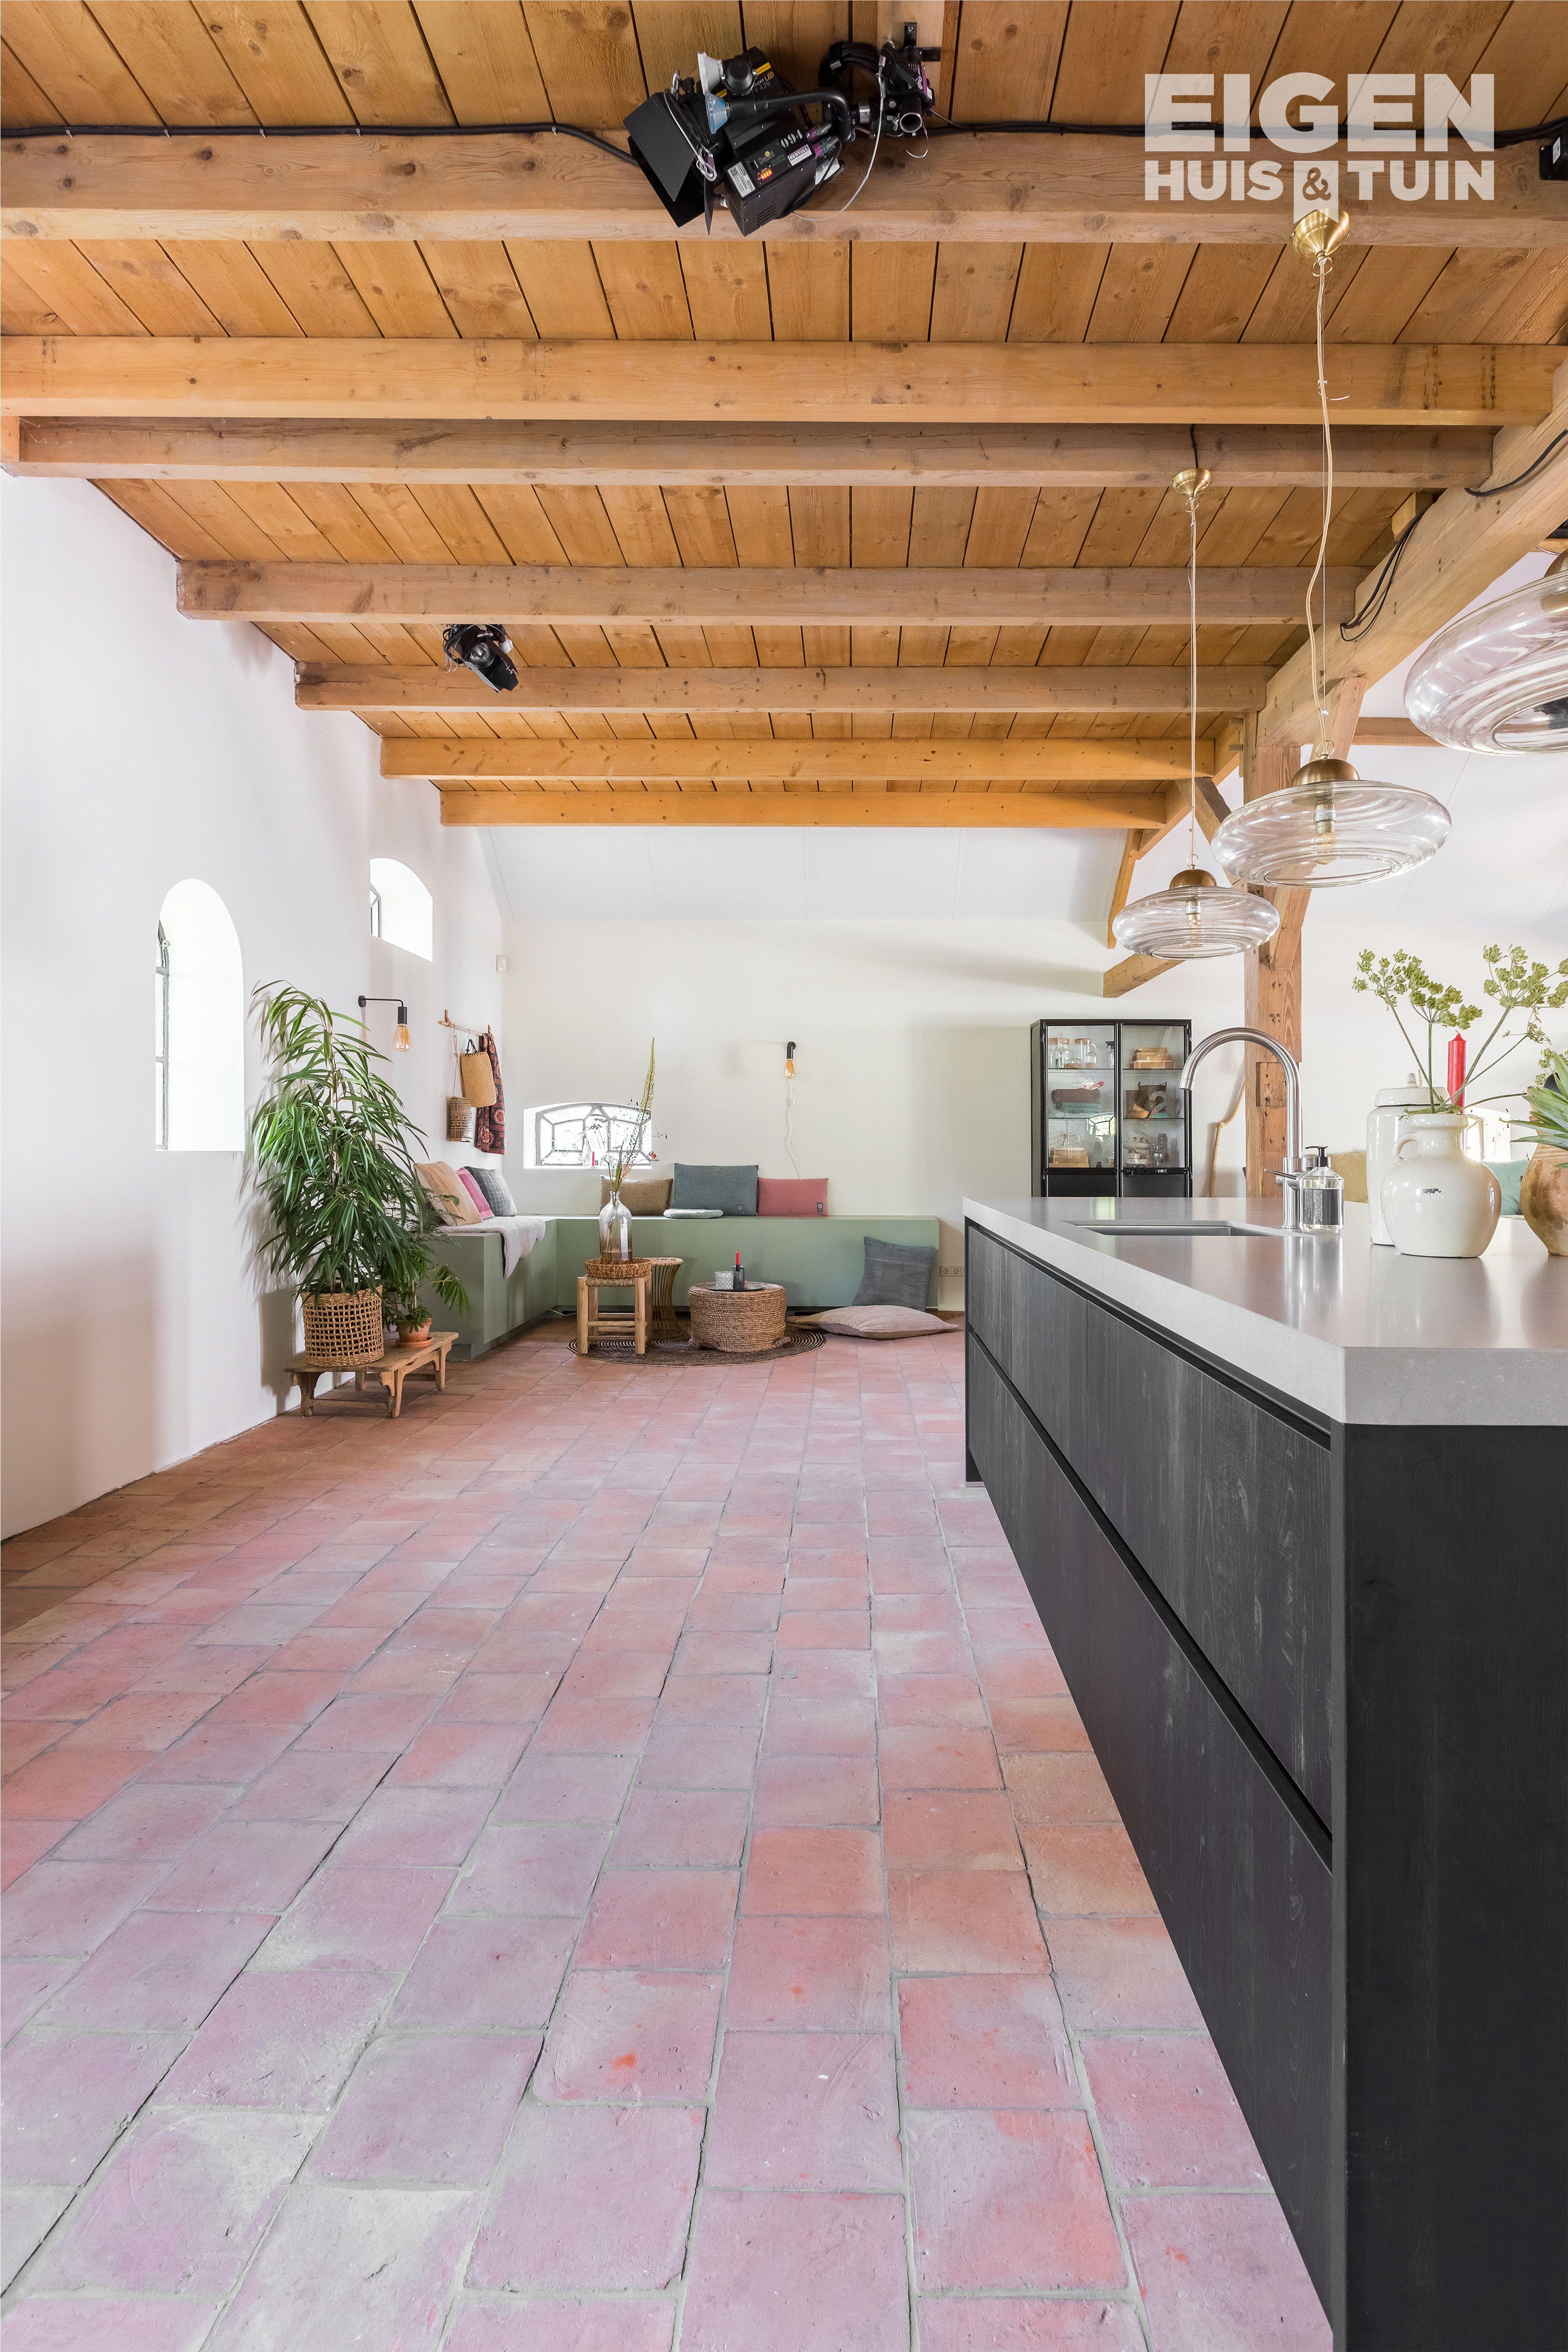 Een Zwarte Strakke Keuken Kan Je Goed Combineren Met Houten Plafond En Een Stenen Vloer You Can Easily Combine A Black Sle Houten Plafond Huis Stenen Vloeren